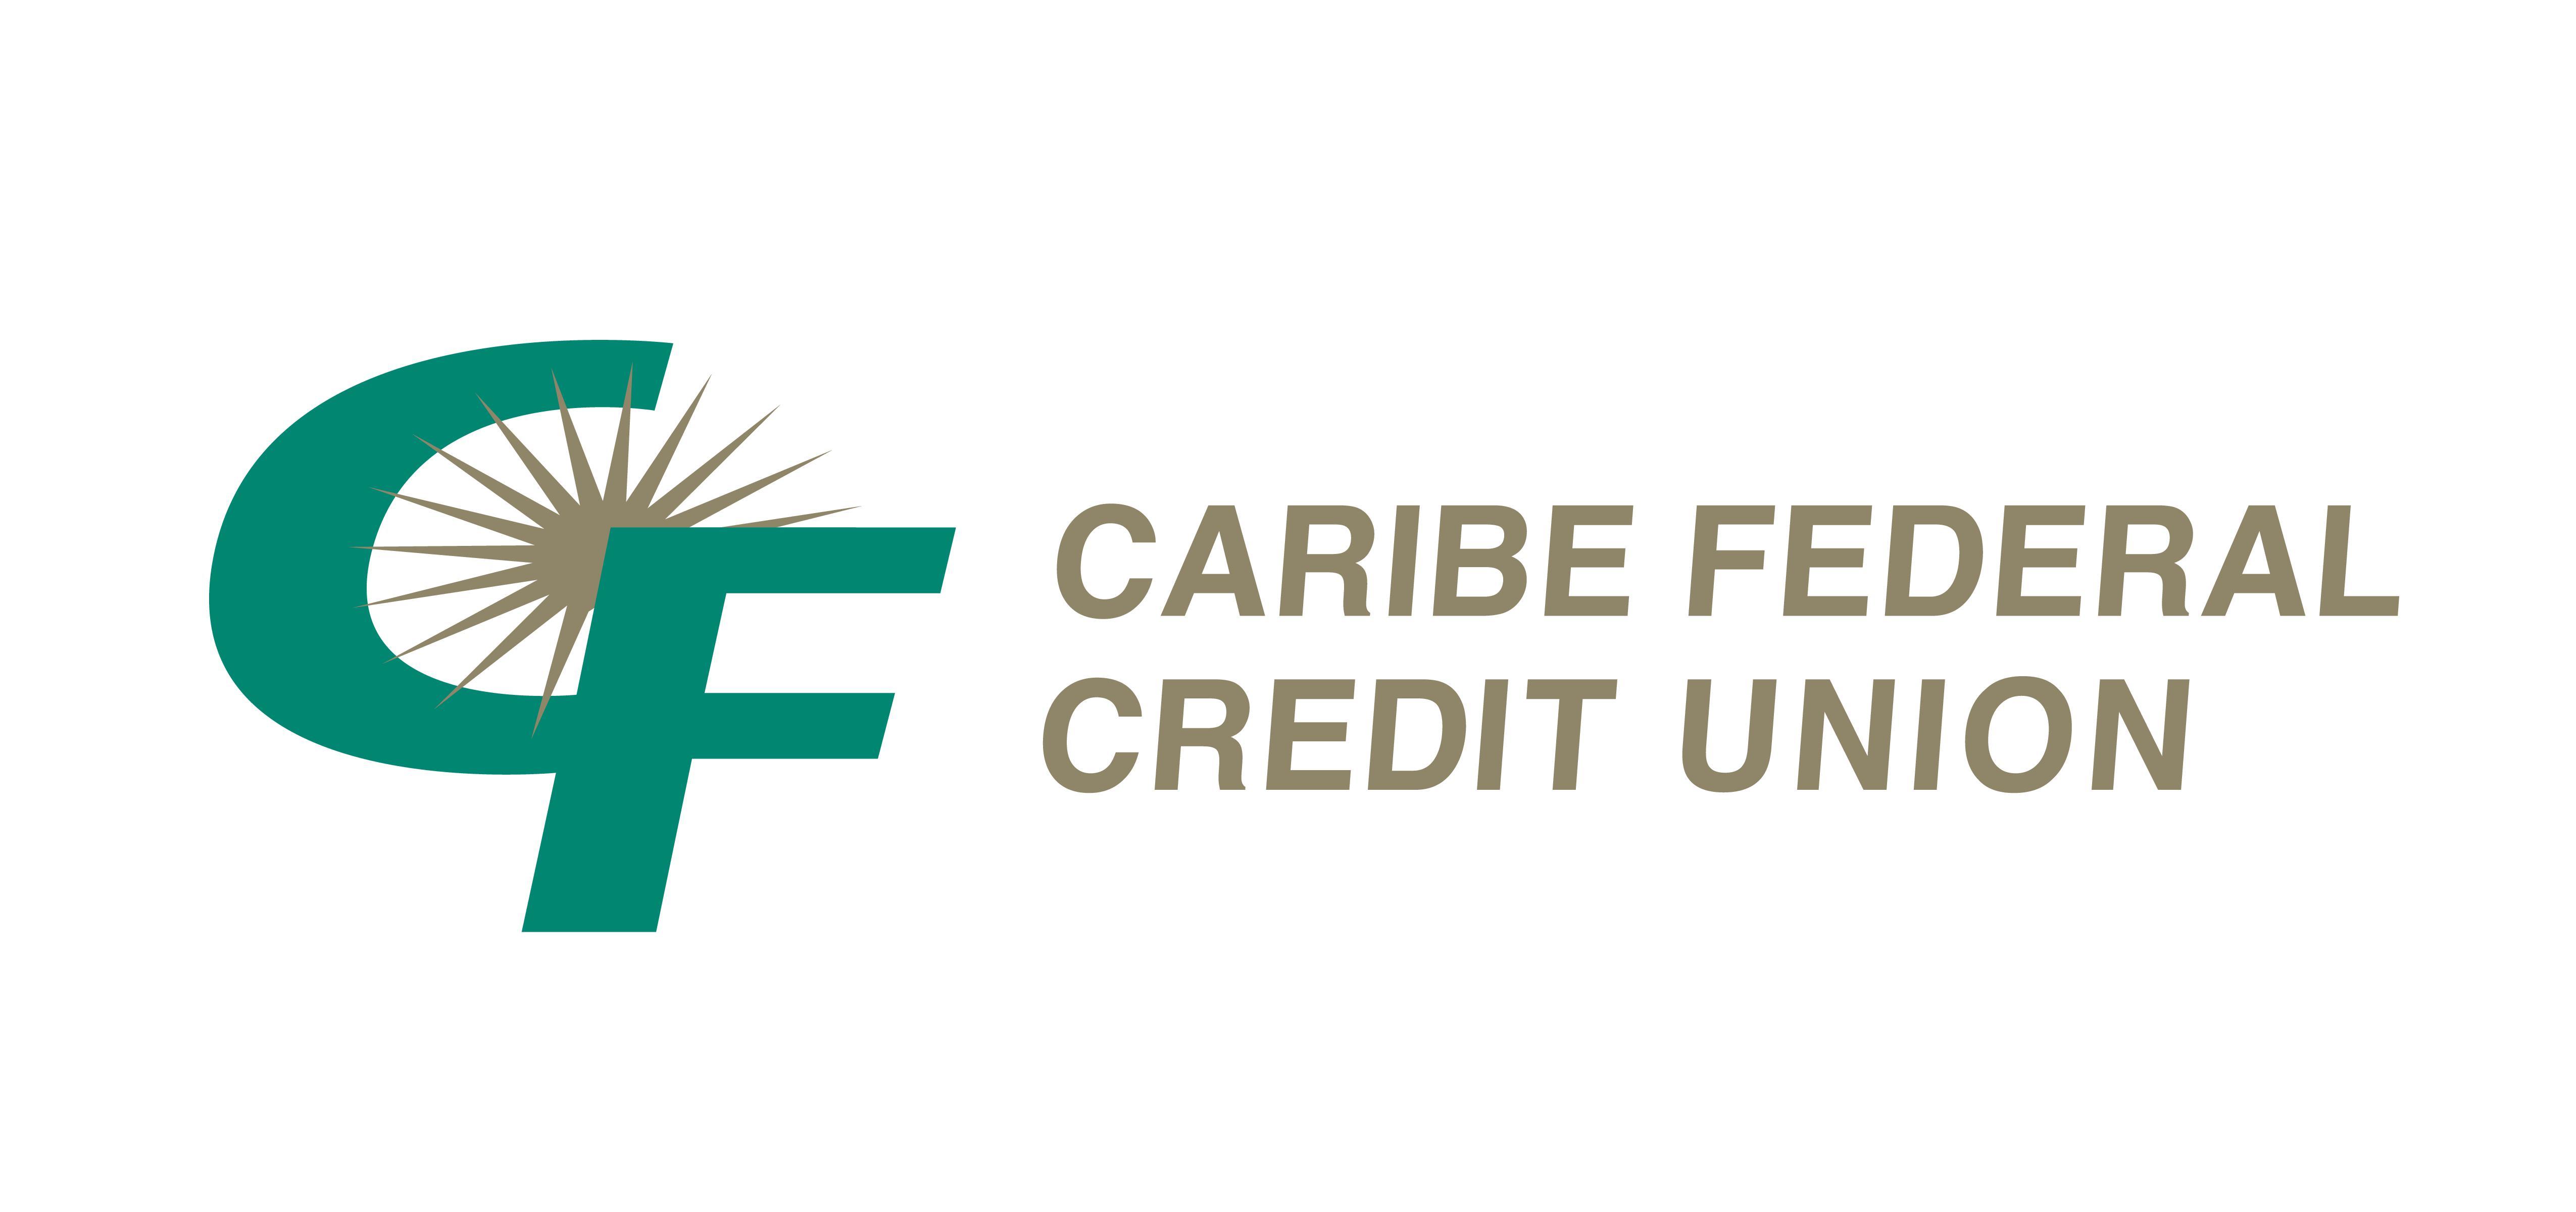 Caribe Federal